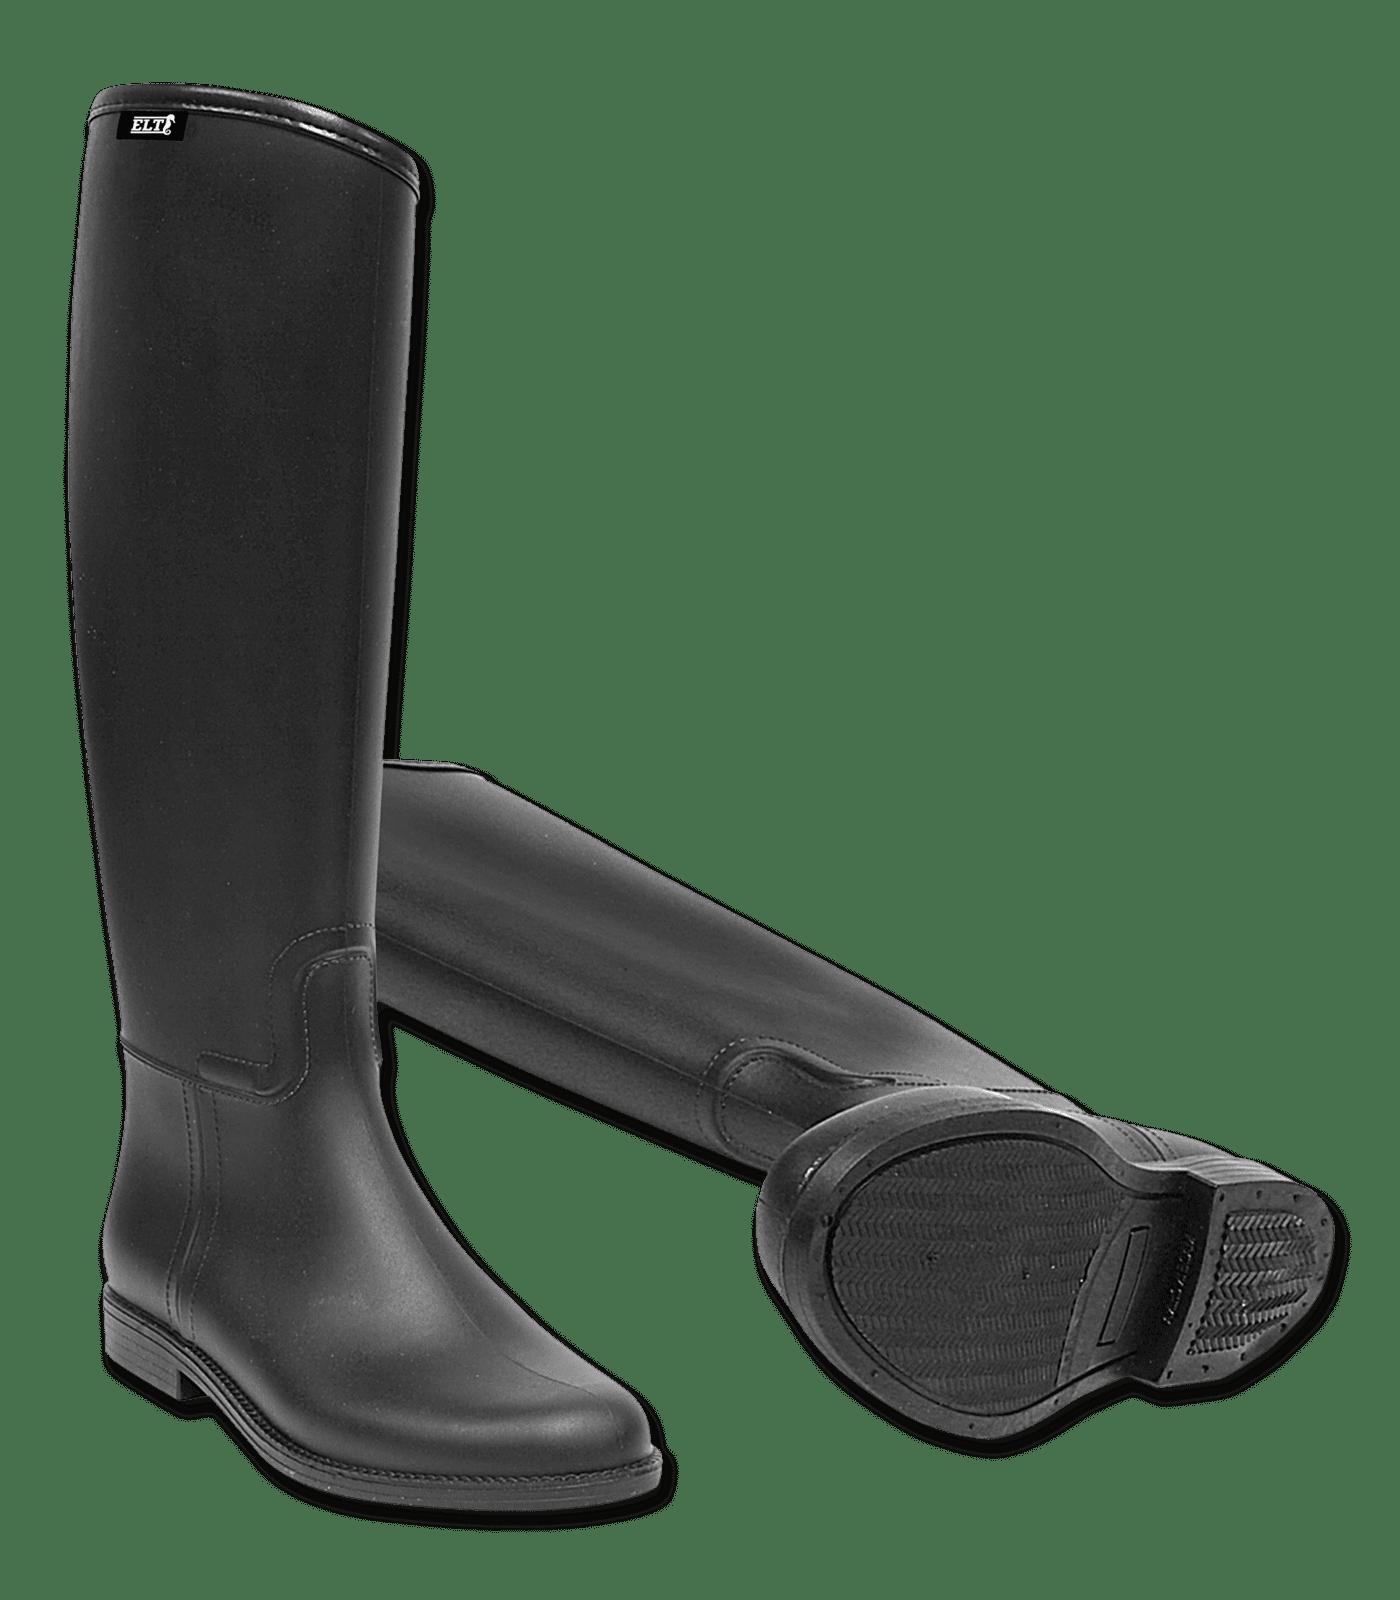 b988597a8 Meran jazdecké topánky | Jazdecké potreby El Thoro